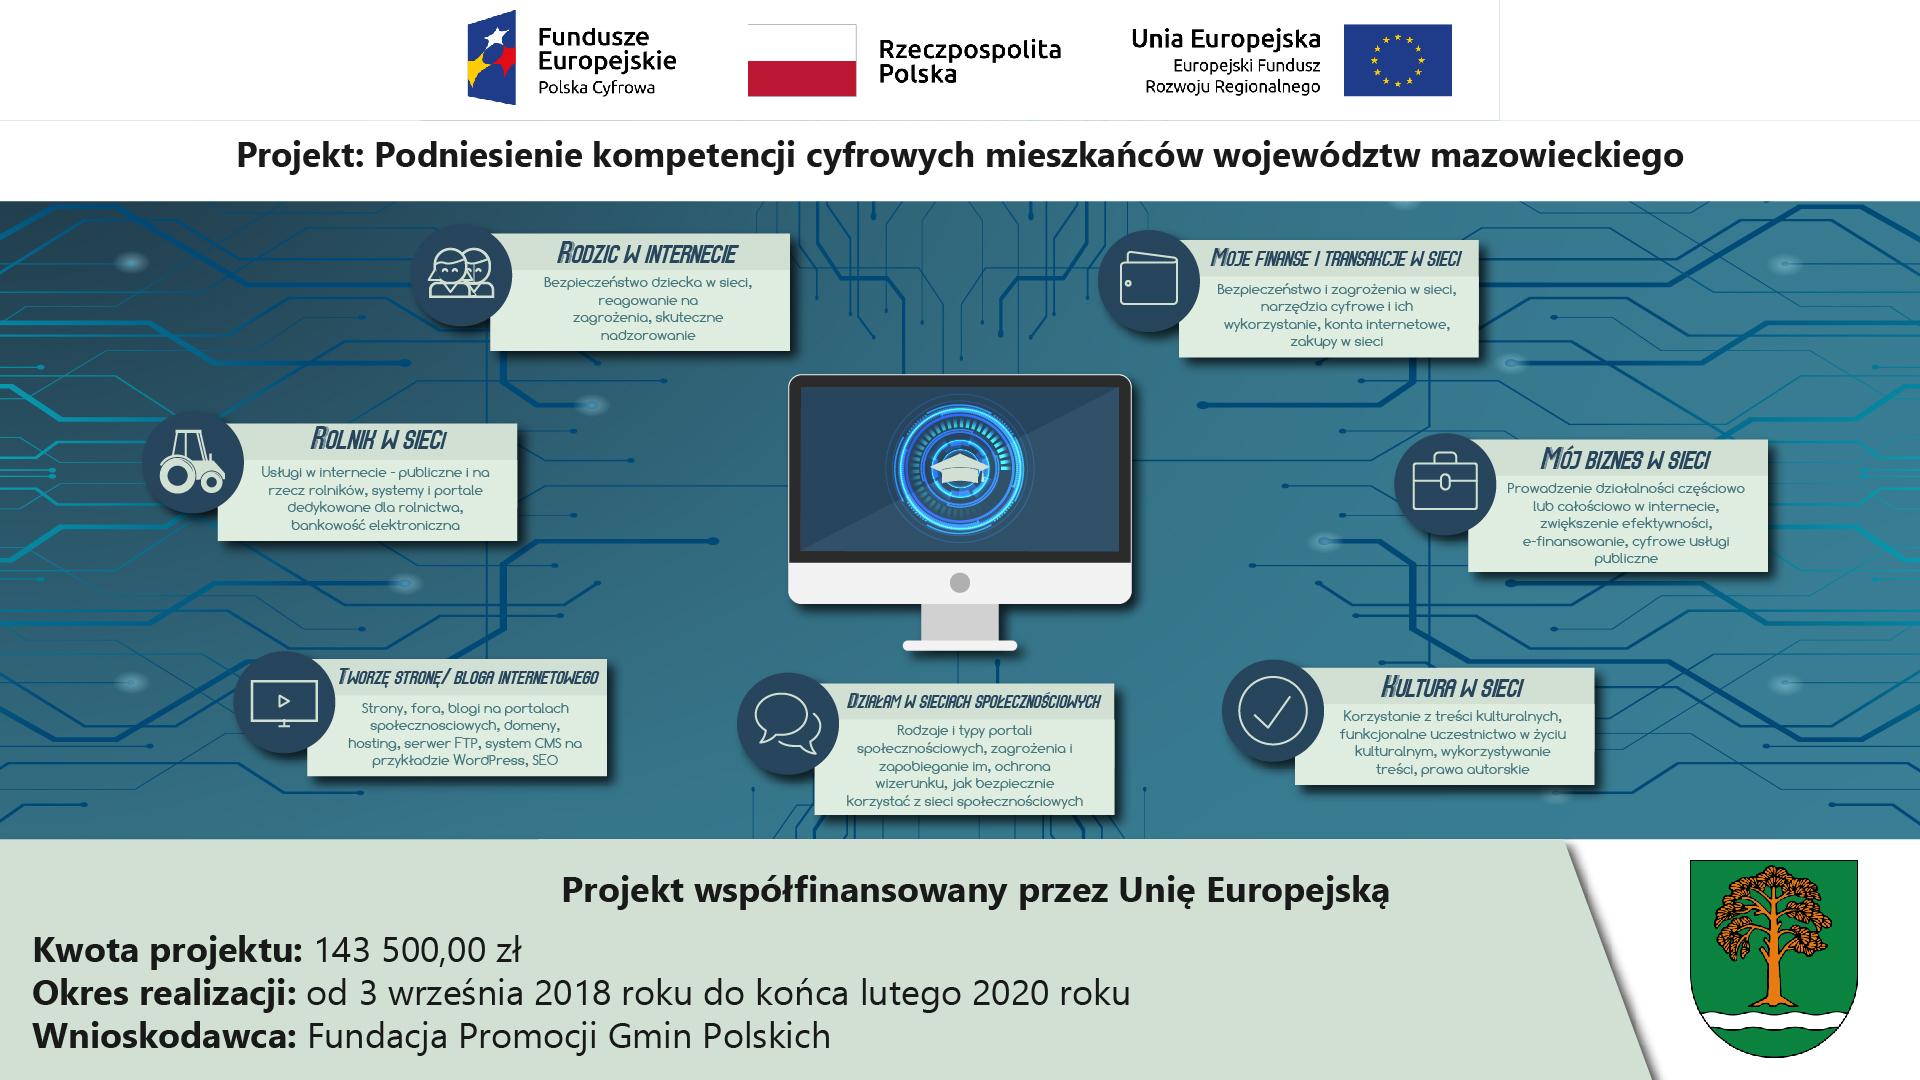 Projekt Podniesienia Kompetencji Cyfrowych w Gminie Małkinia Górna